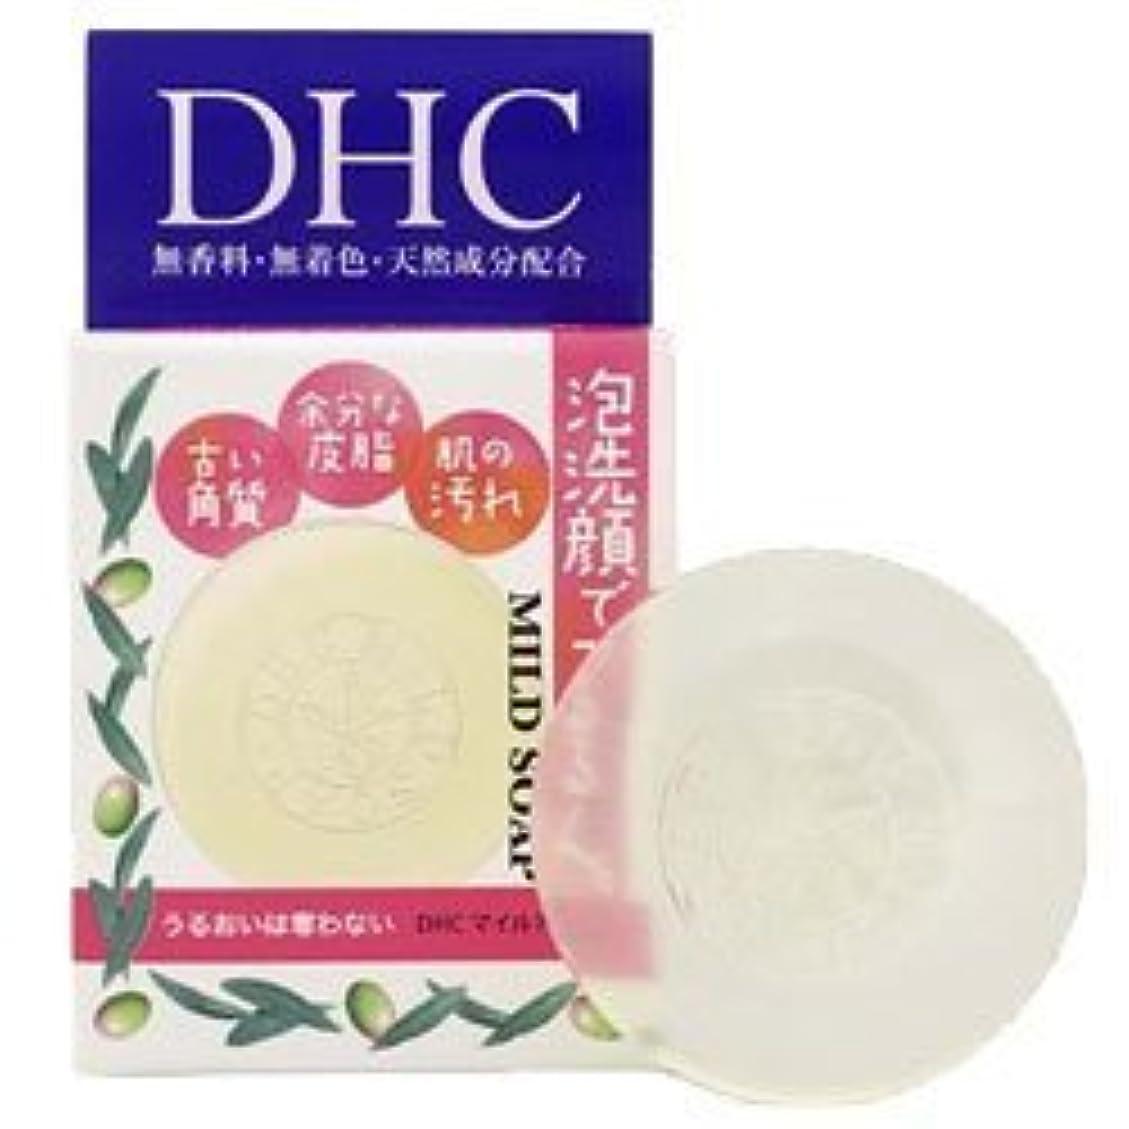 ボリュームただインカ帝国【DHC】DHC マイルドソープ(SS) 35g ×5個セット